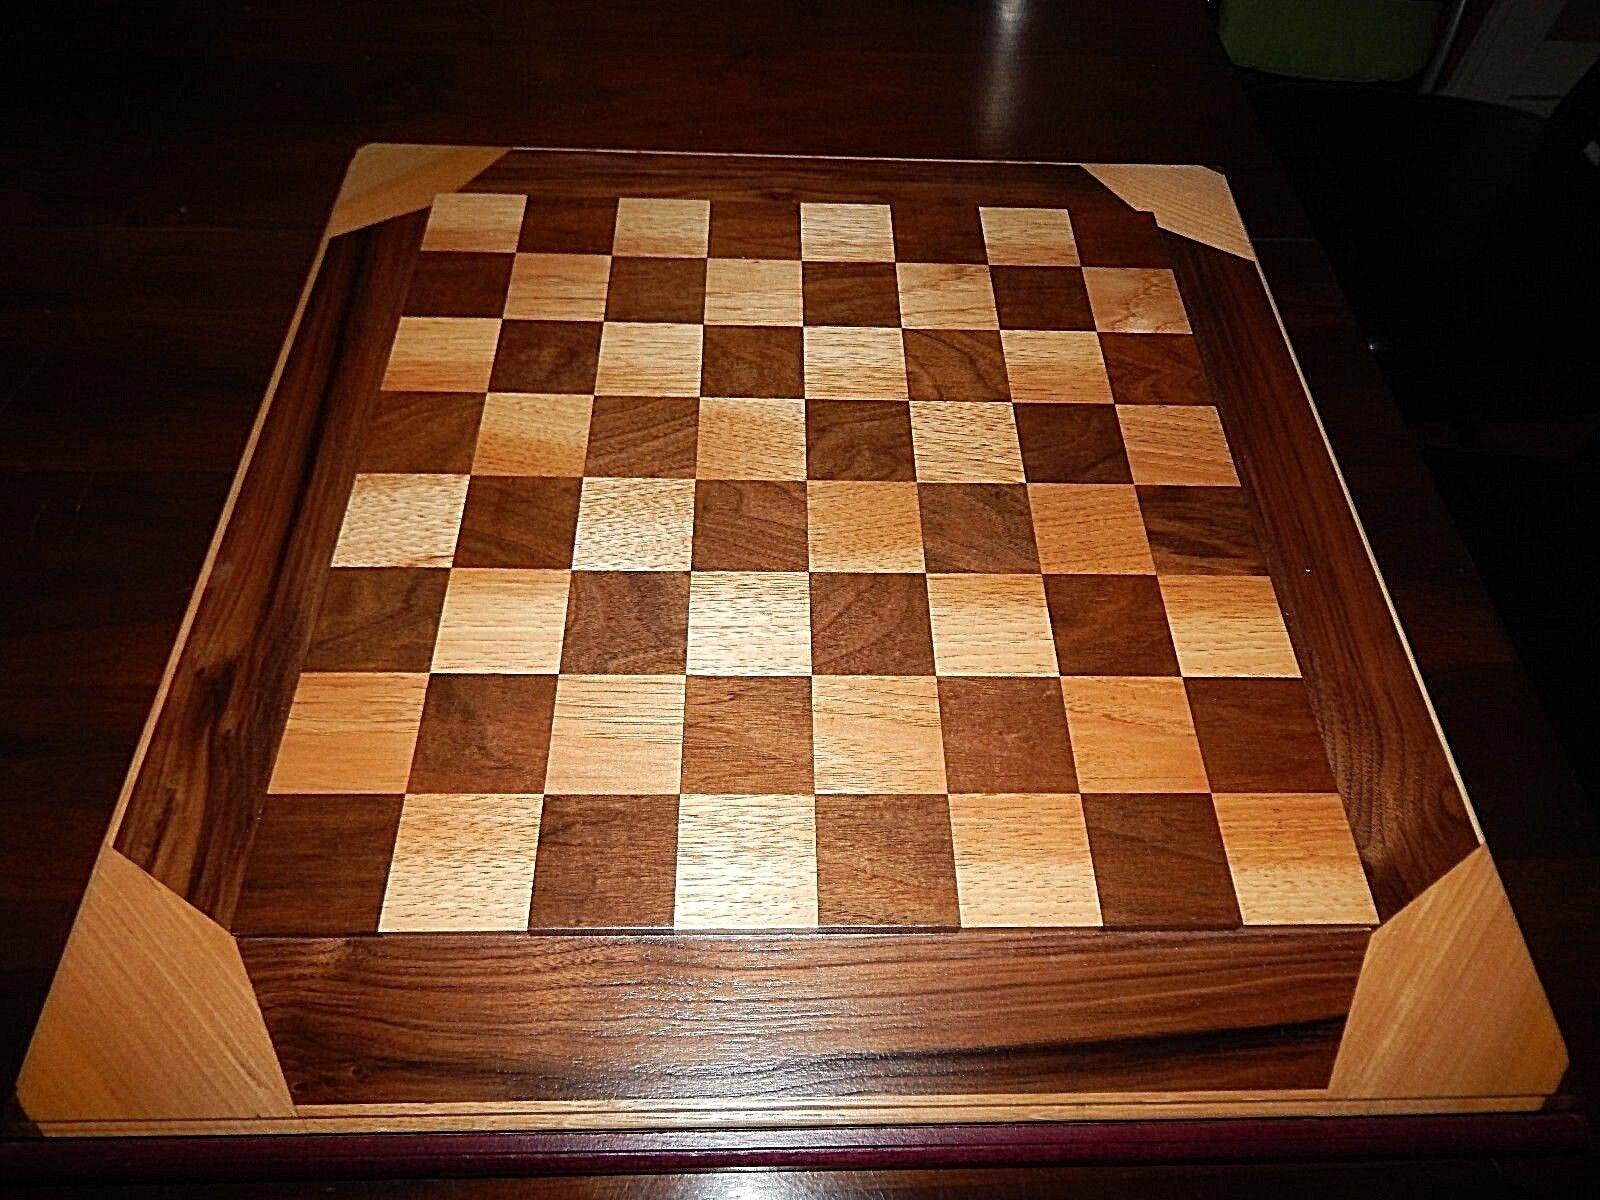 Hecho a mano tablero de ajedrez por Brandon. grandes Board con maderas exóticas. 2  Plazas.  nuevo